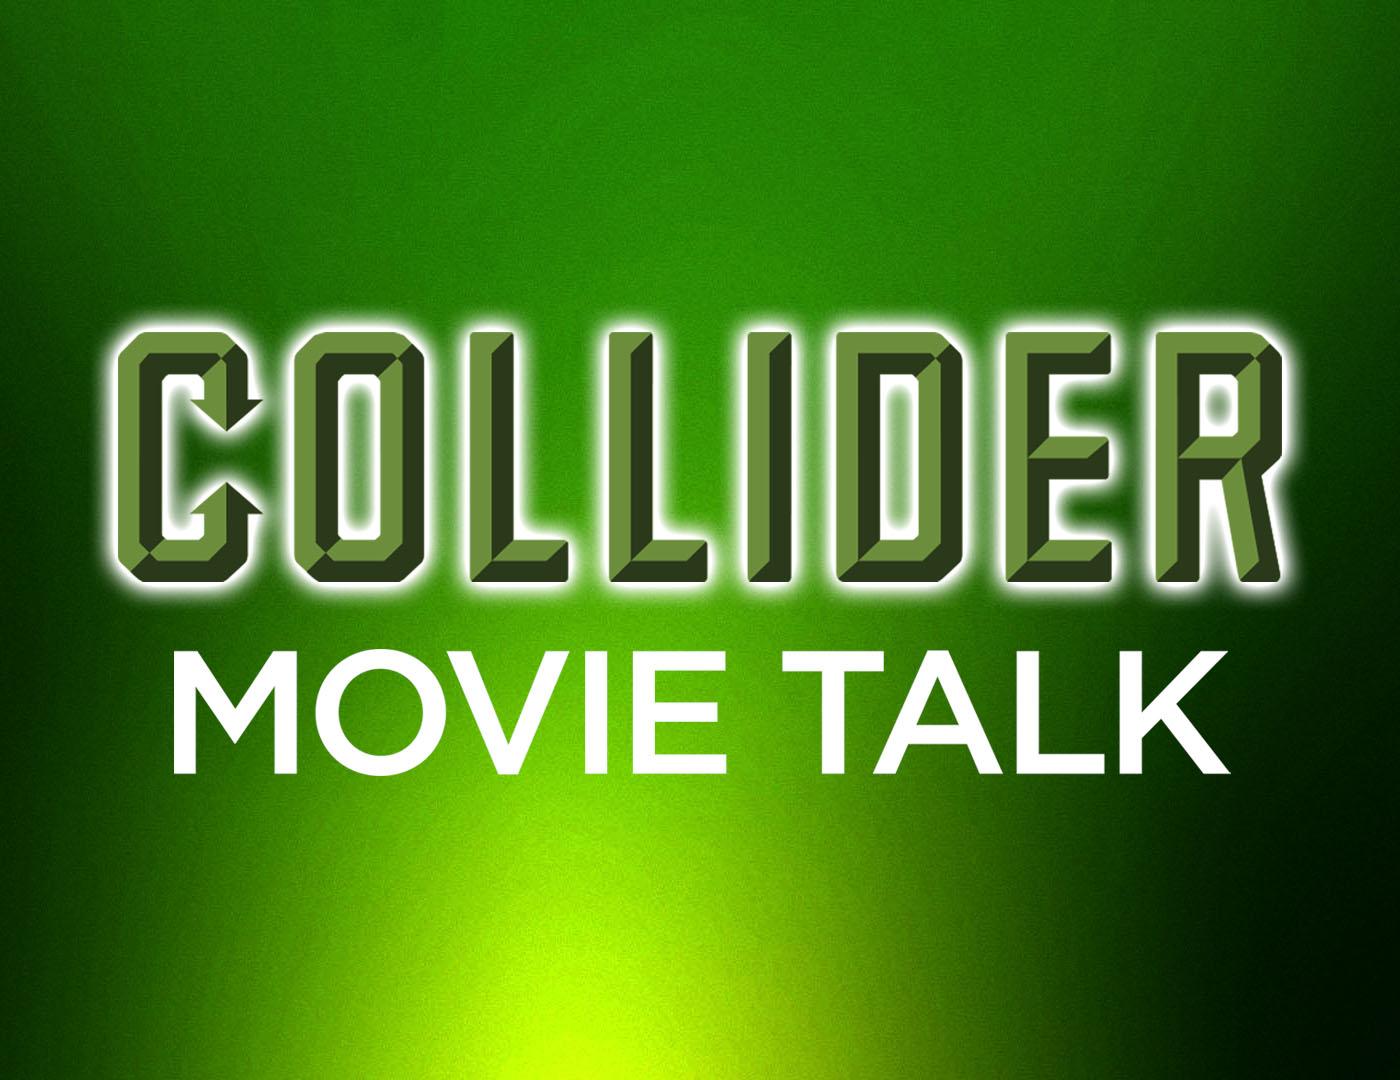 Collider Movie Talk - Borderlands Movie In Development